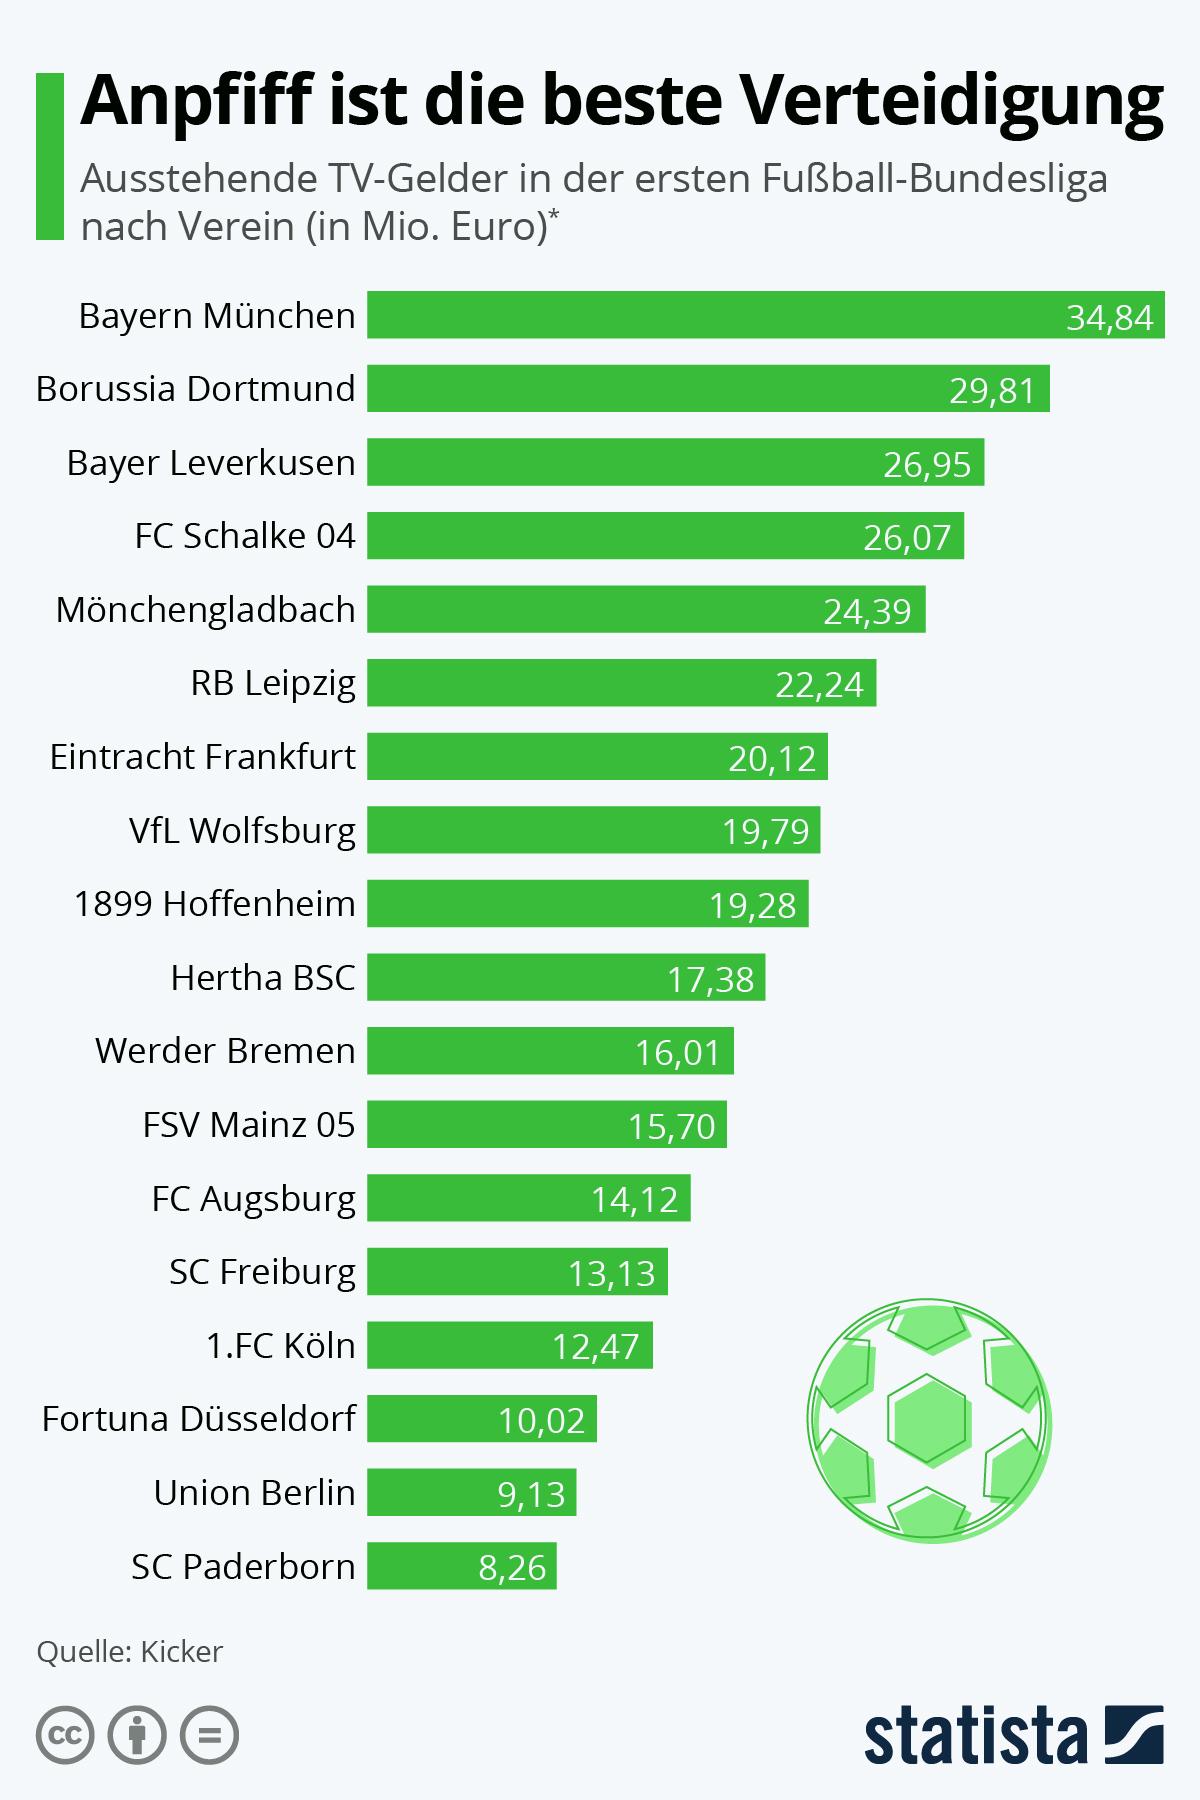 Infografik: Anpfiff ist die beste Verteidigung | Statista